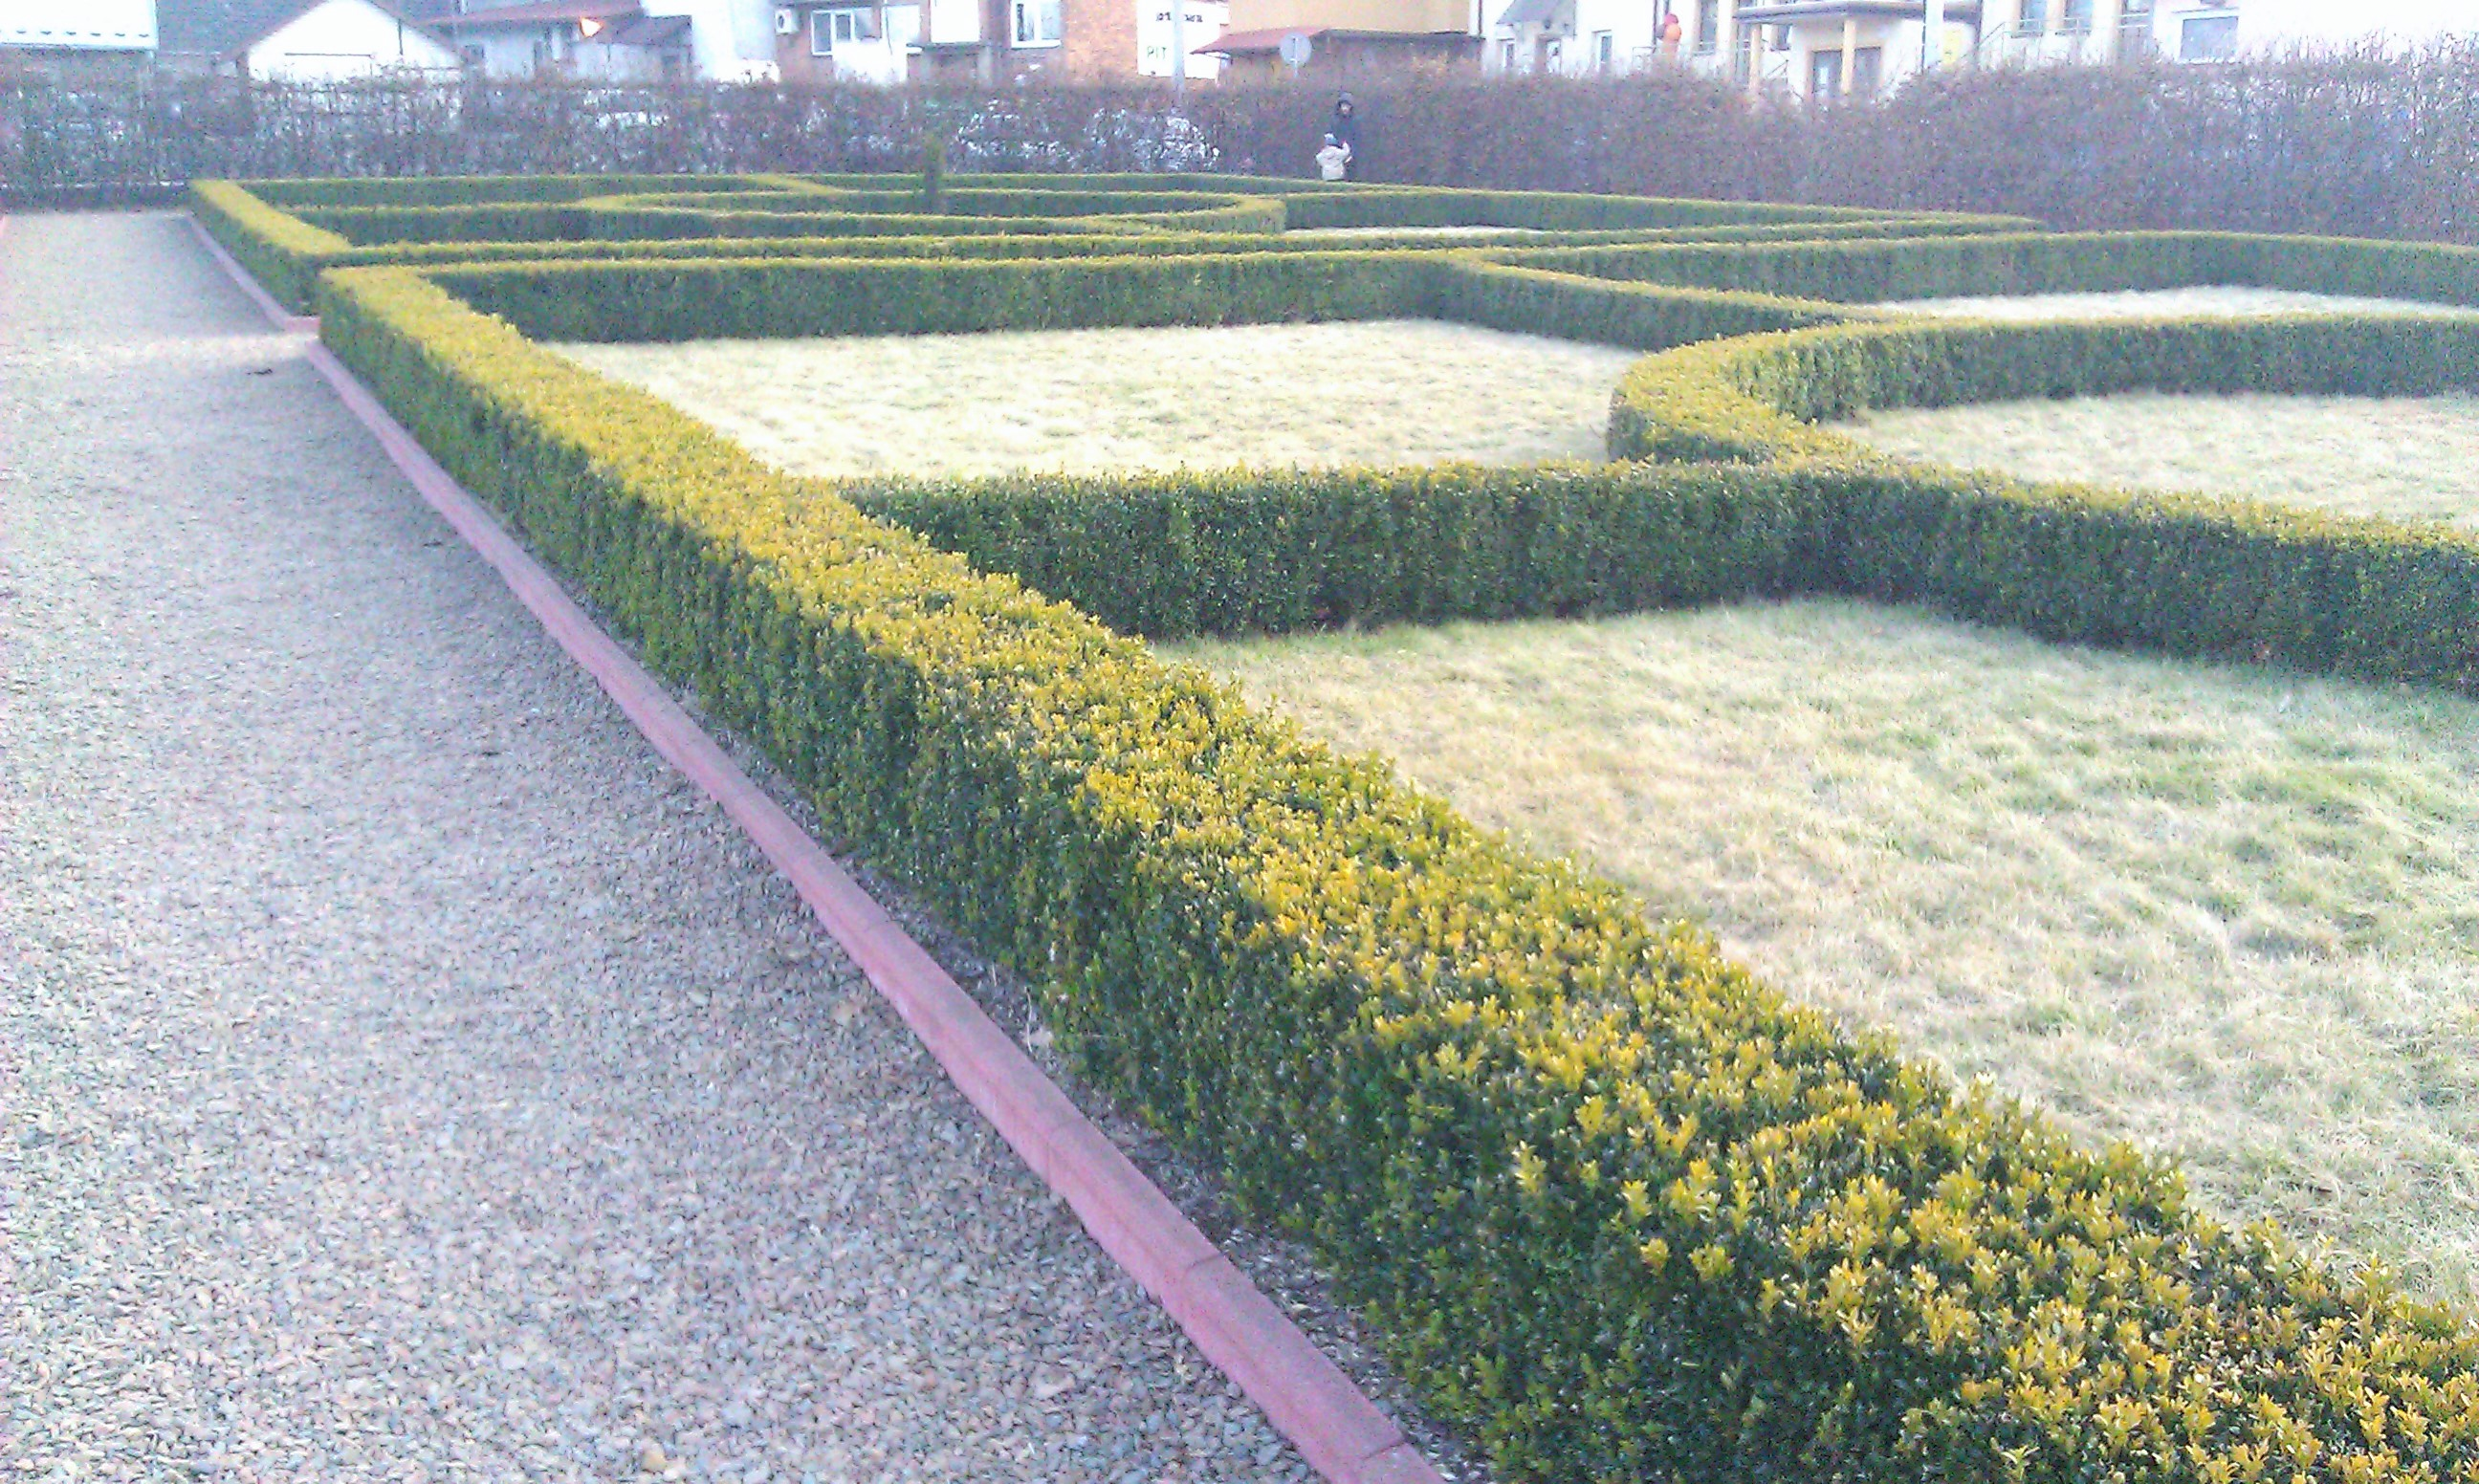 przestrzeń symetrycznie podzielona roslinami